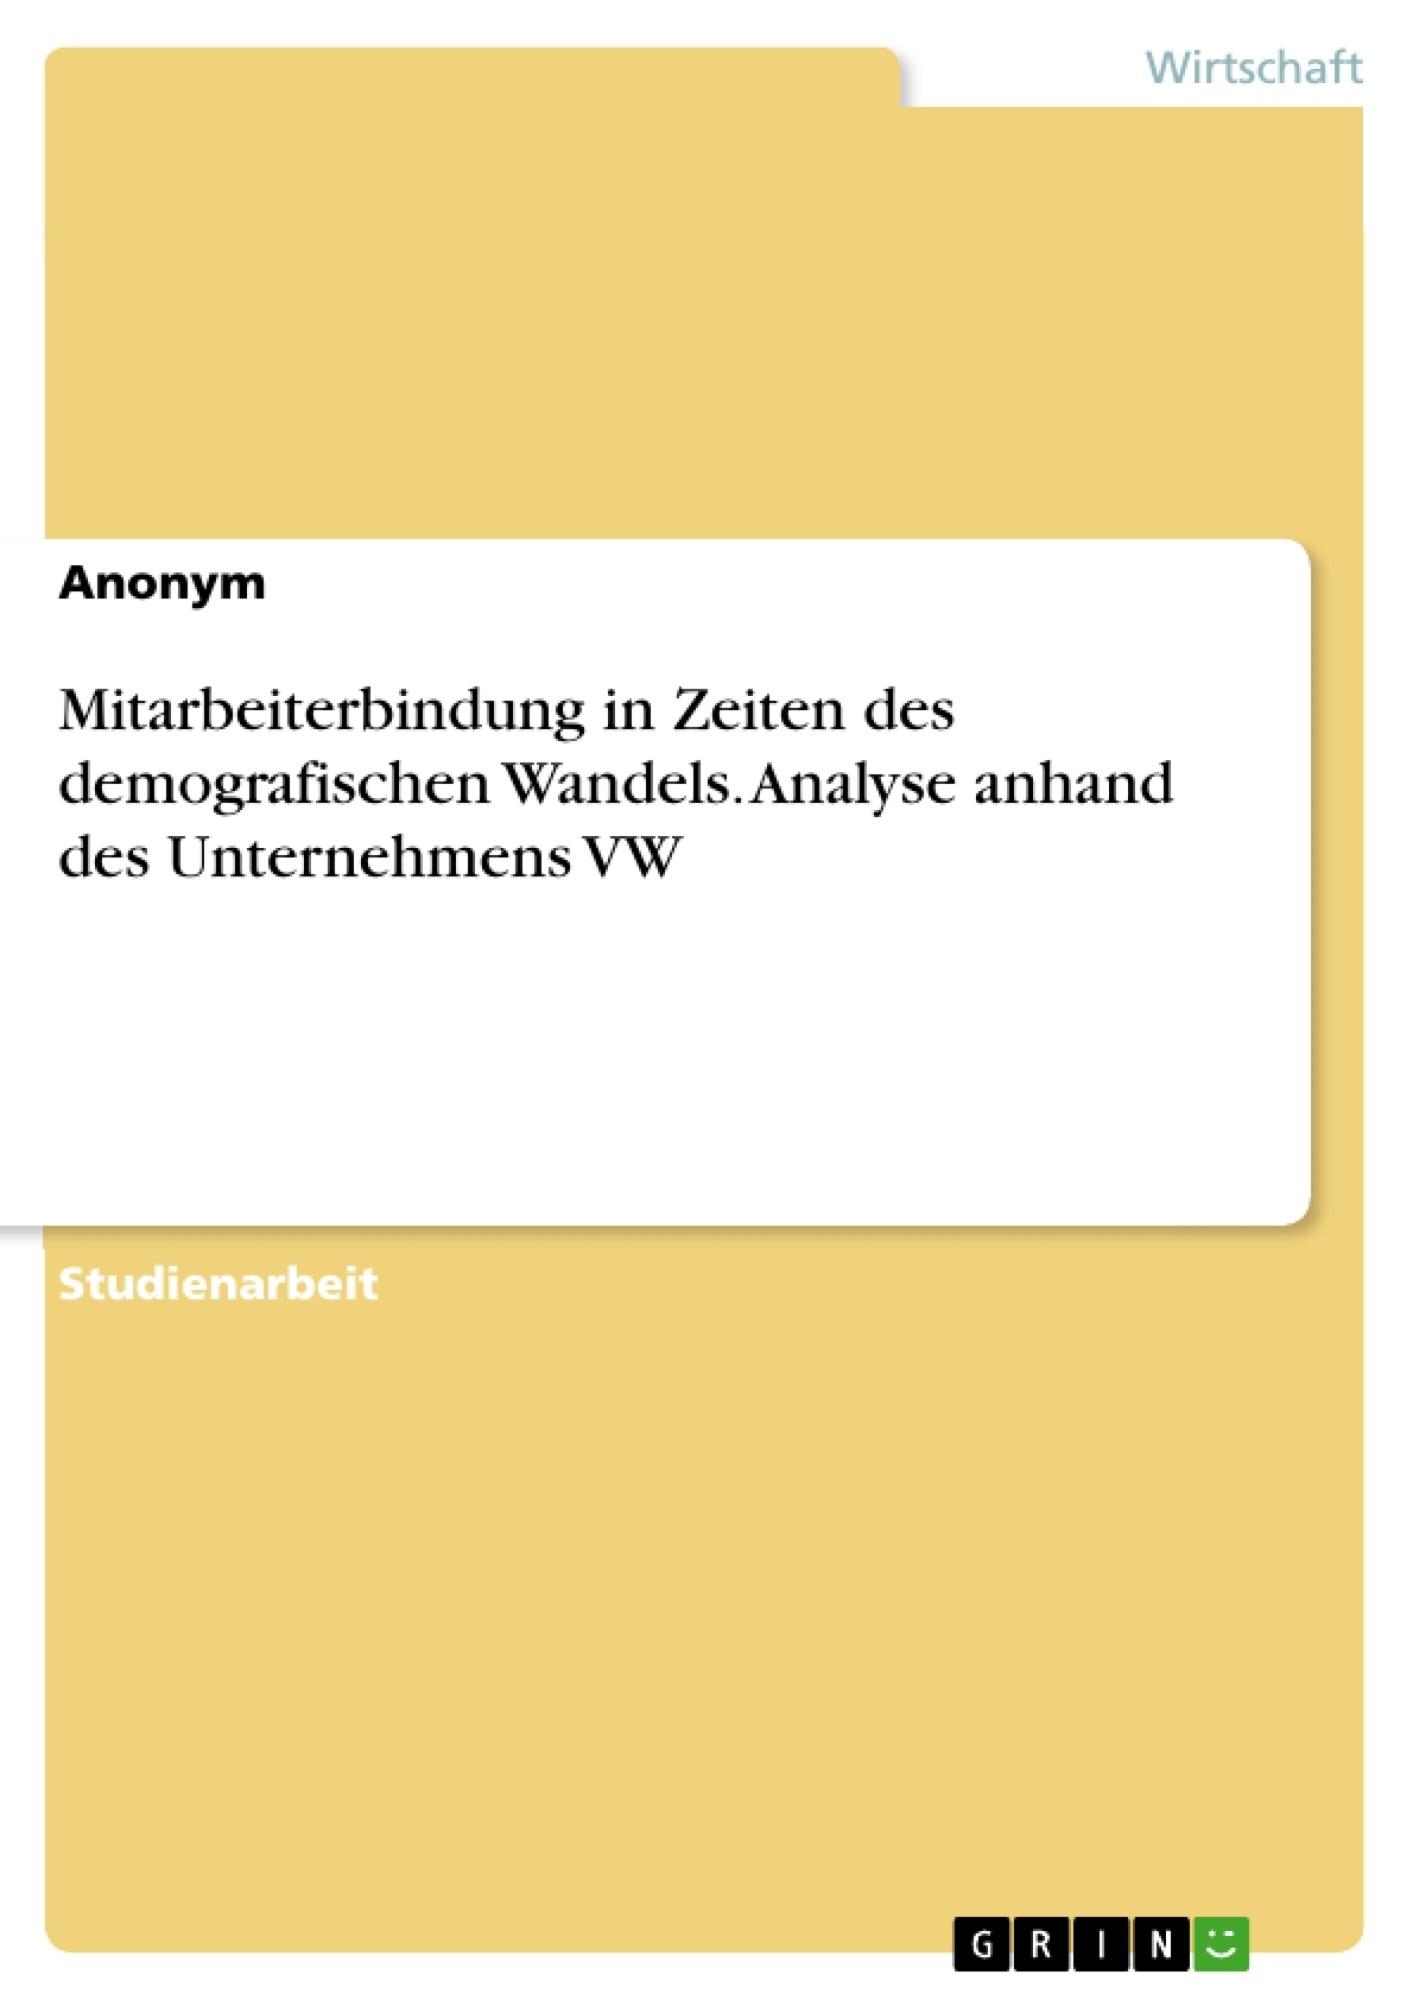 Titel: Mitarbeiterbindung in Zeiten des demografischen Wandels. Analyse anhand des Unternehmens VW